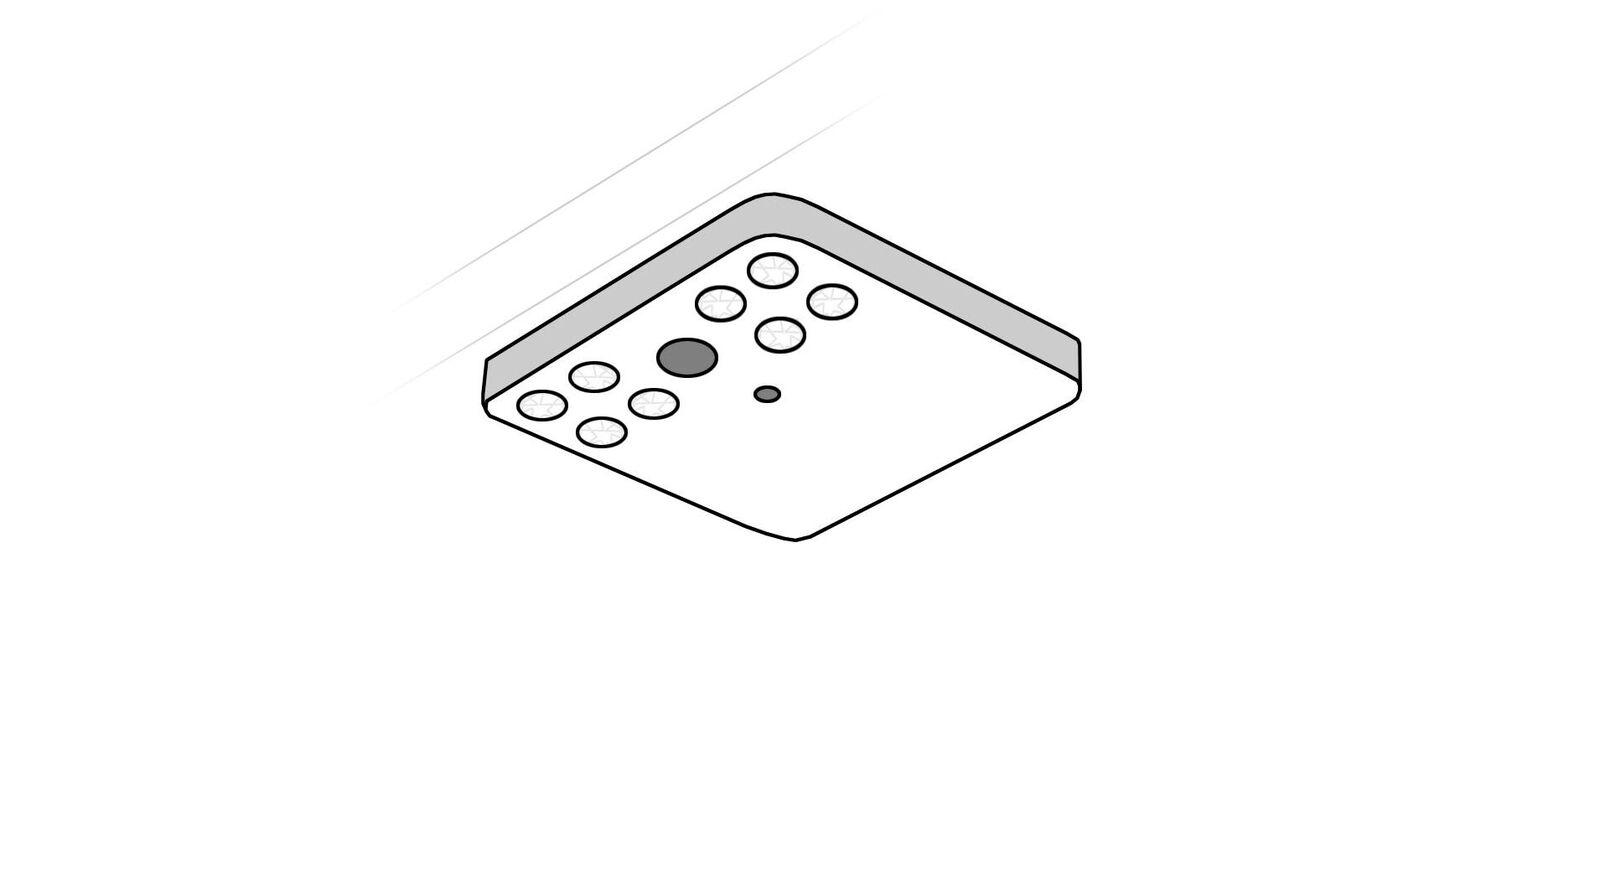 MUSTERRING LED-Leuchte mit Bewegungsmelder als Innenausstattung für Kleiderschrank